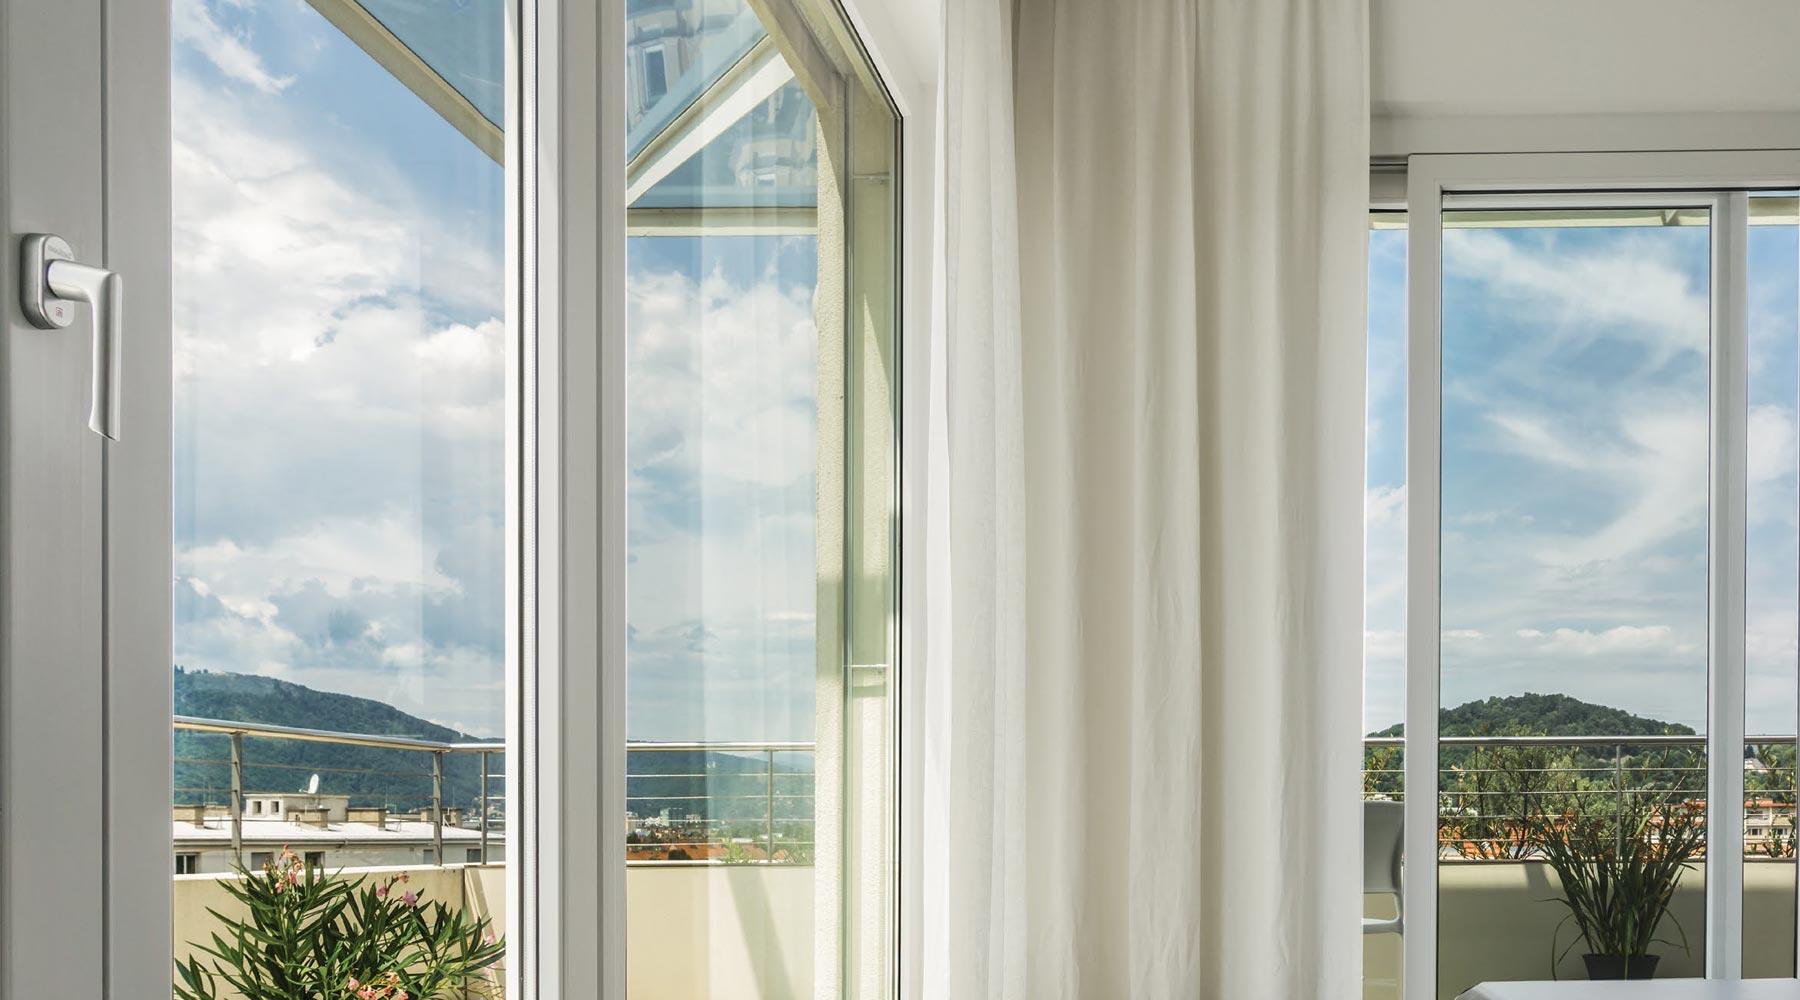 km-plast-rozwiązania-energooszczędne-okna-ALUPLAST-4000-komfort-elegancja-termoizolacja-najwyższa-jakość